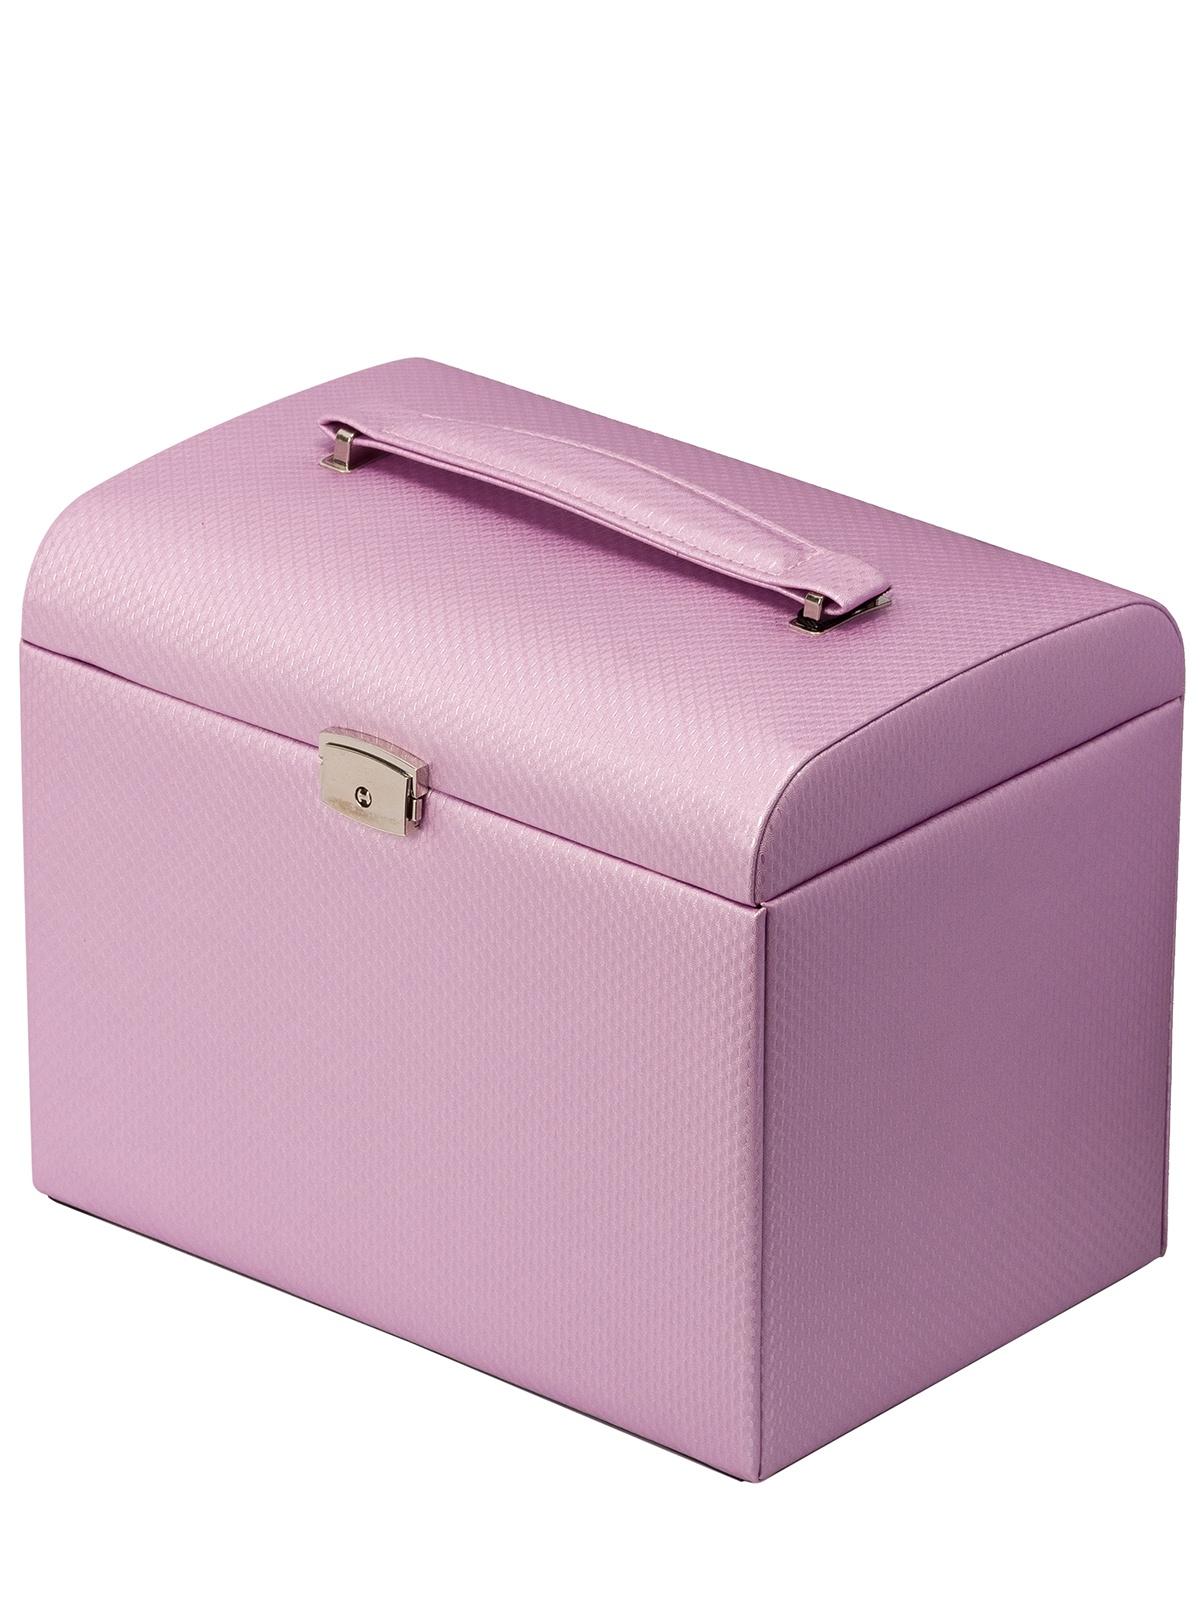 Шкатулка для украшений IsmatDecor S-701B_1, светло-розовый umbra шкатулка для украшений toto большая чёрная орех 5 s fjzyq